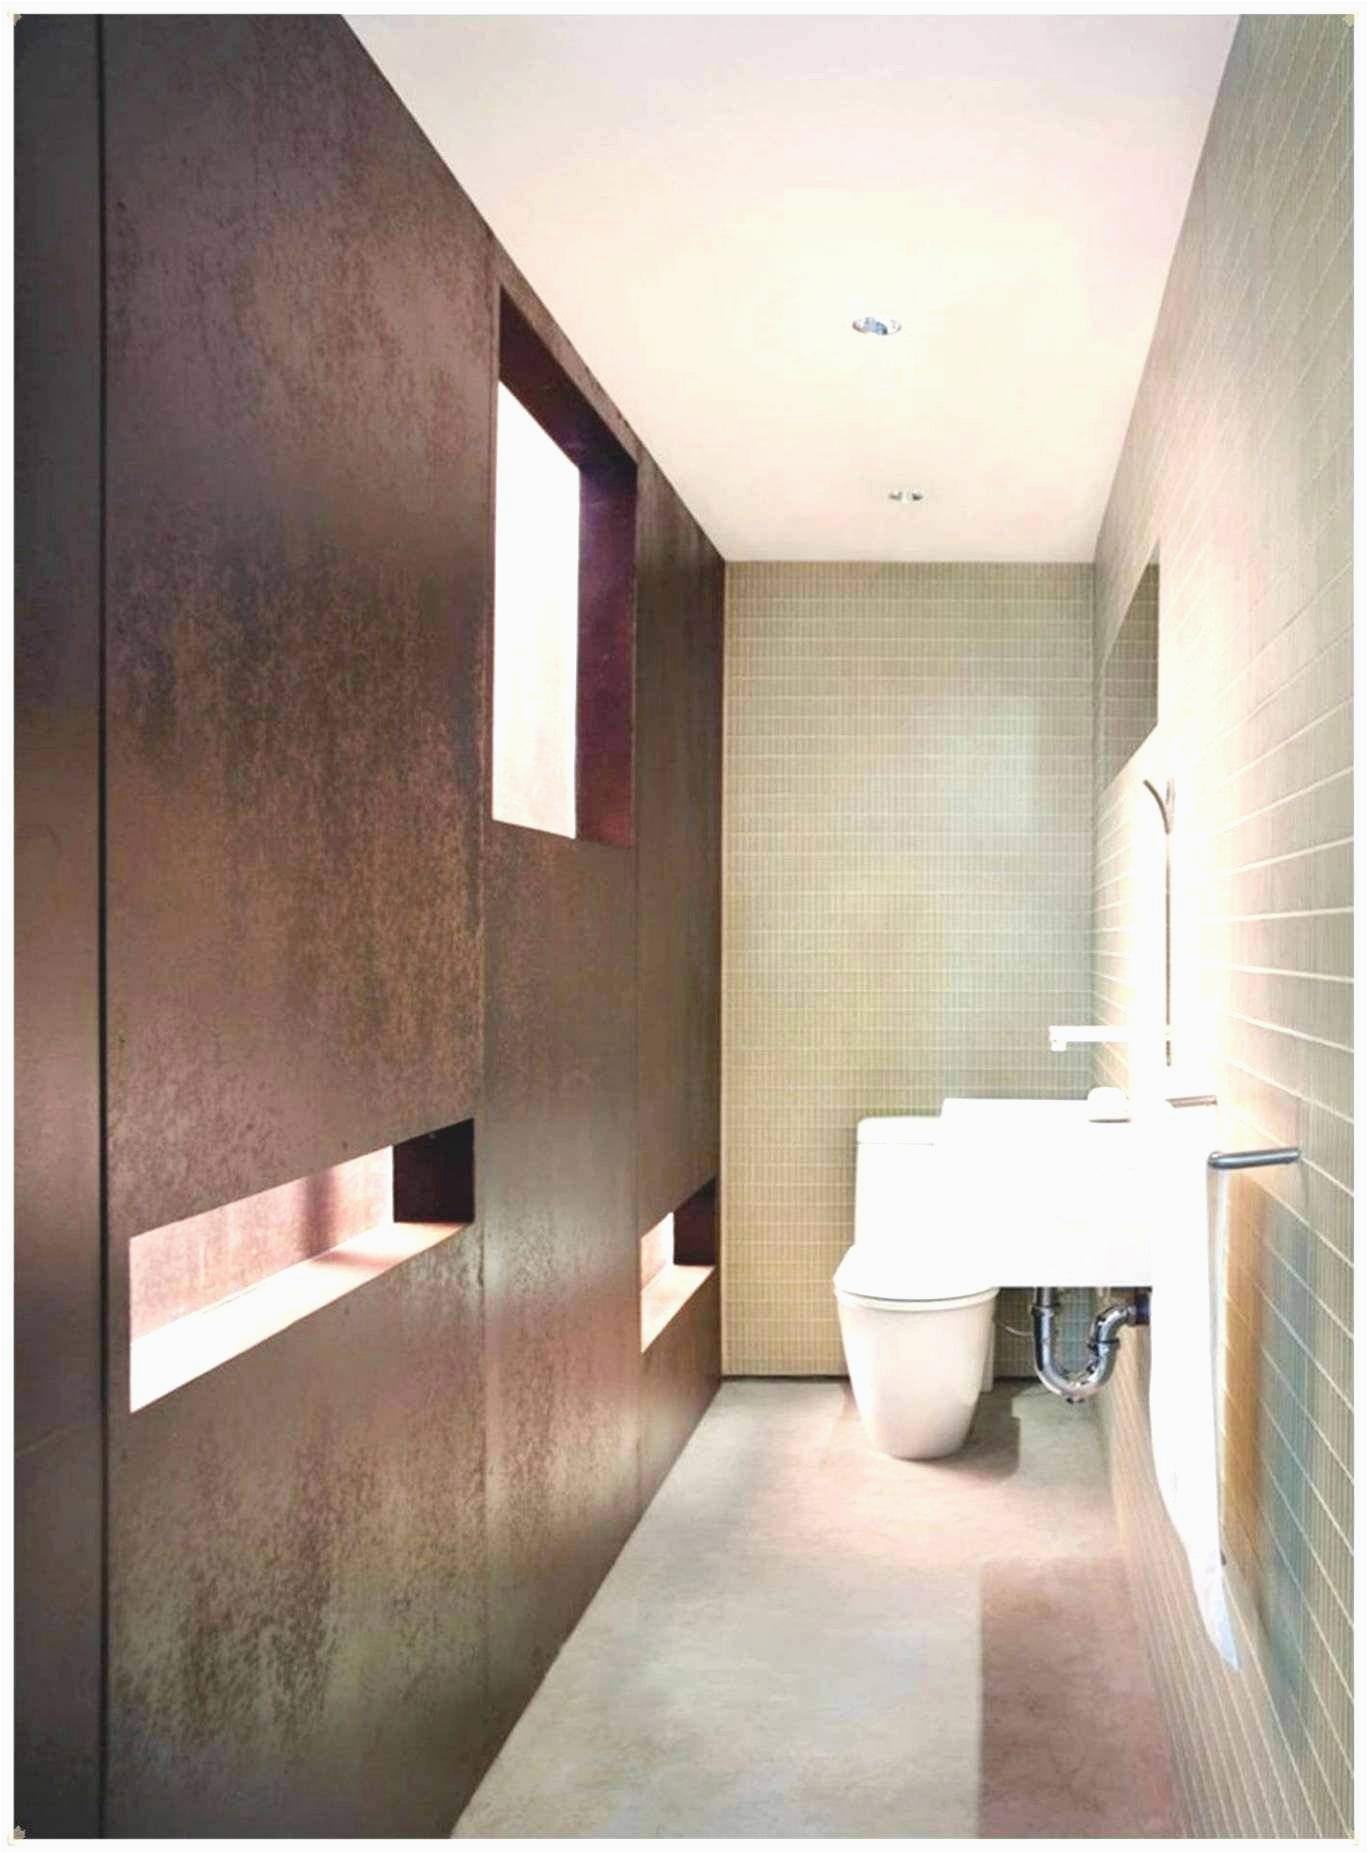 wohnzimmer design ideen frisch wohnzimmer ideen orient einzigartig of wohnzimmer design ideen